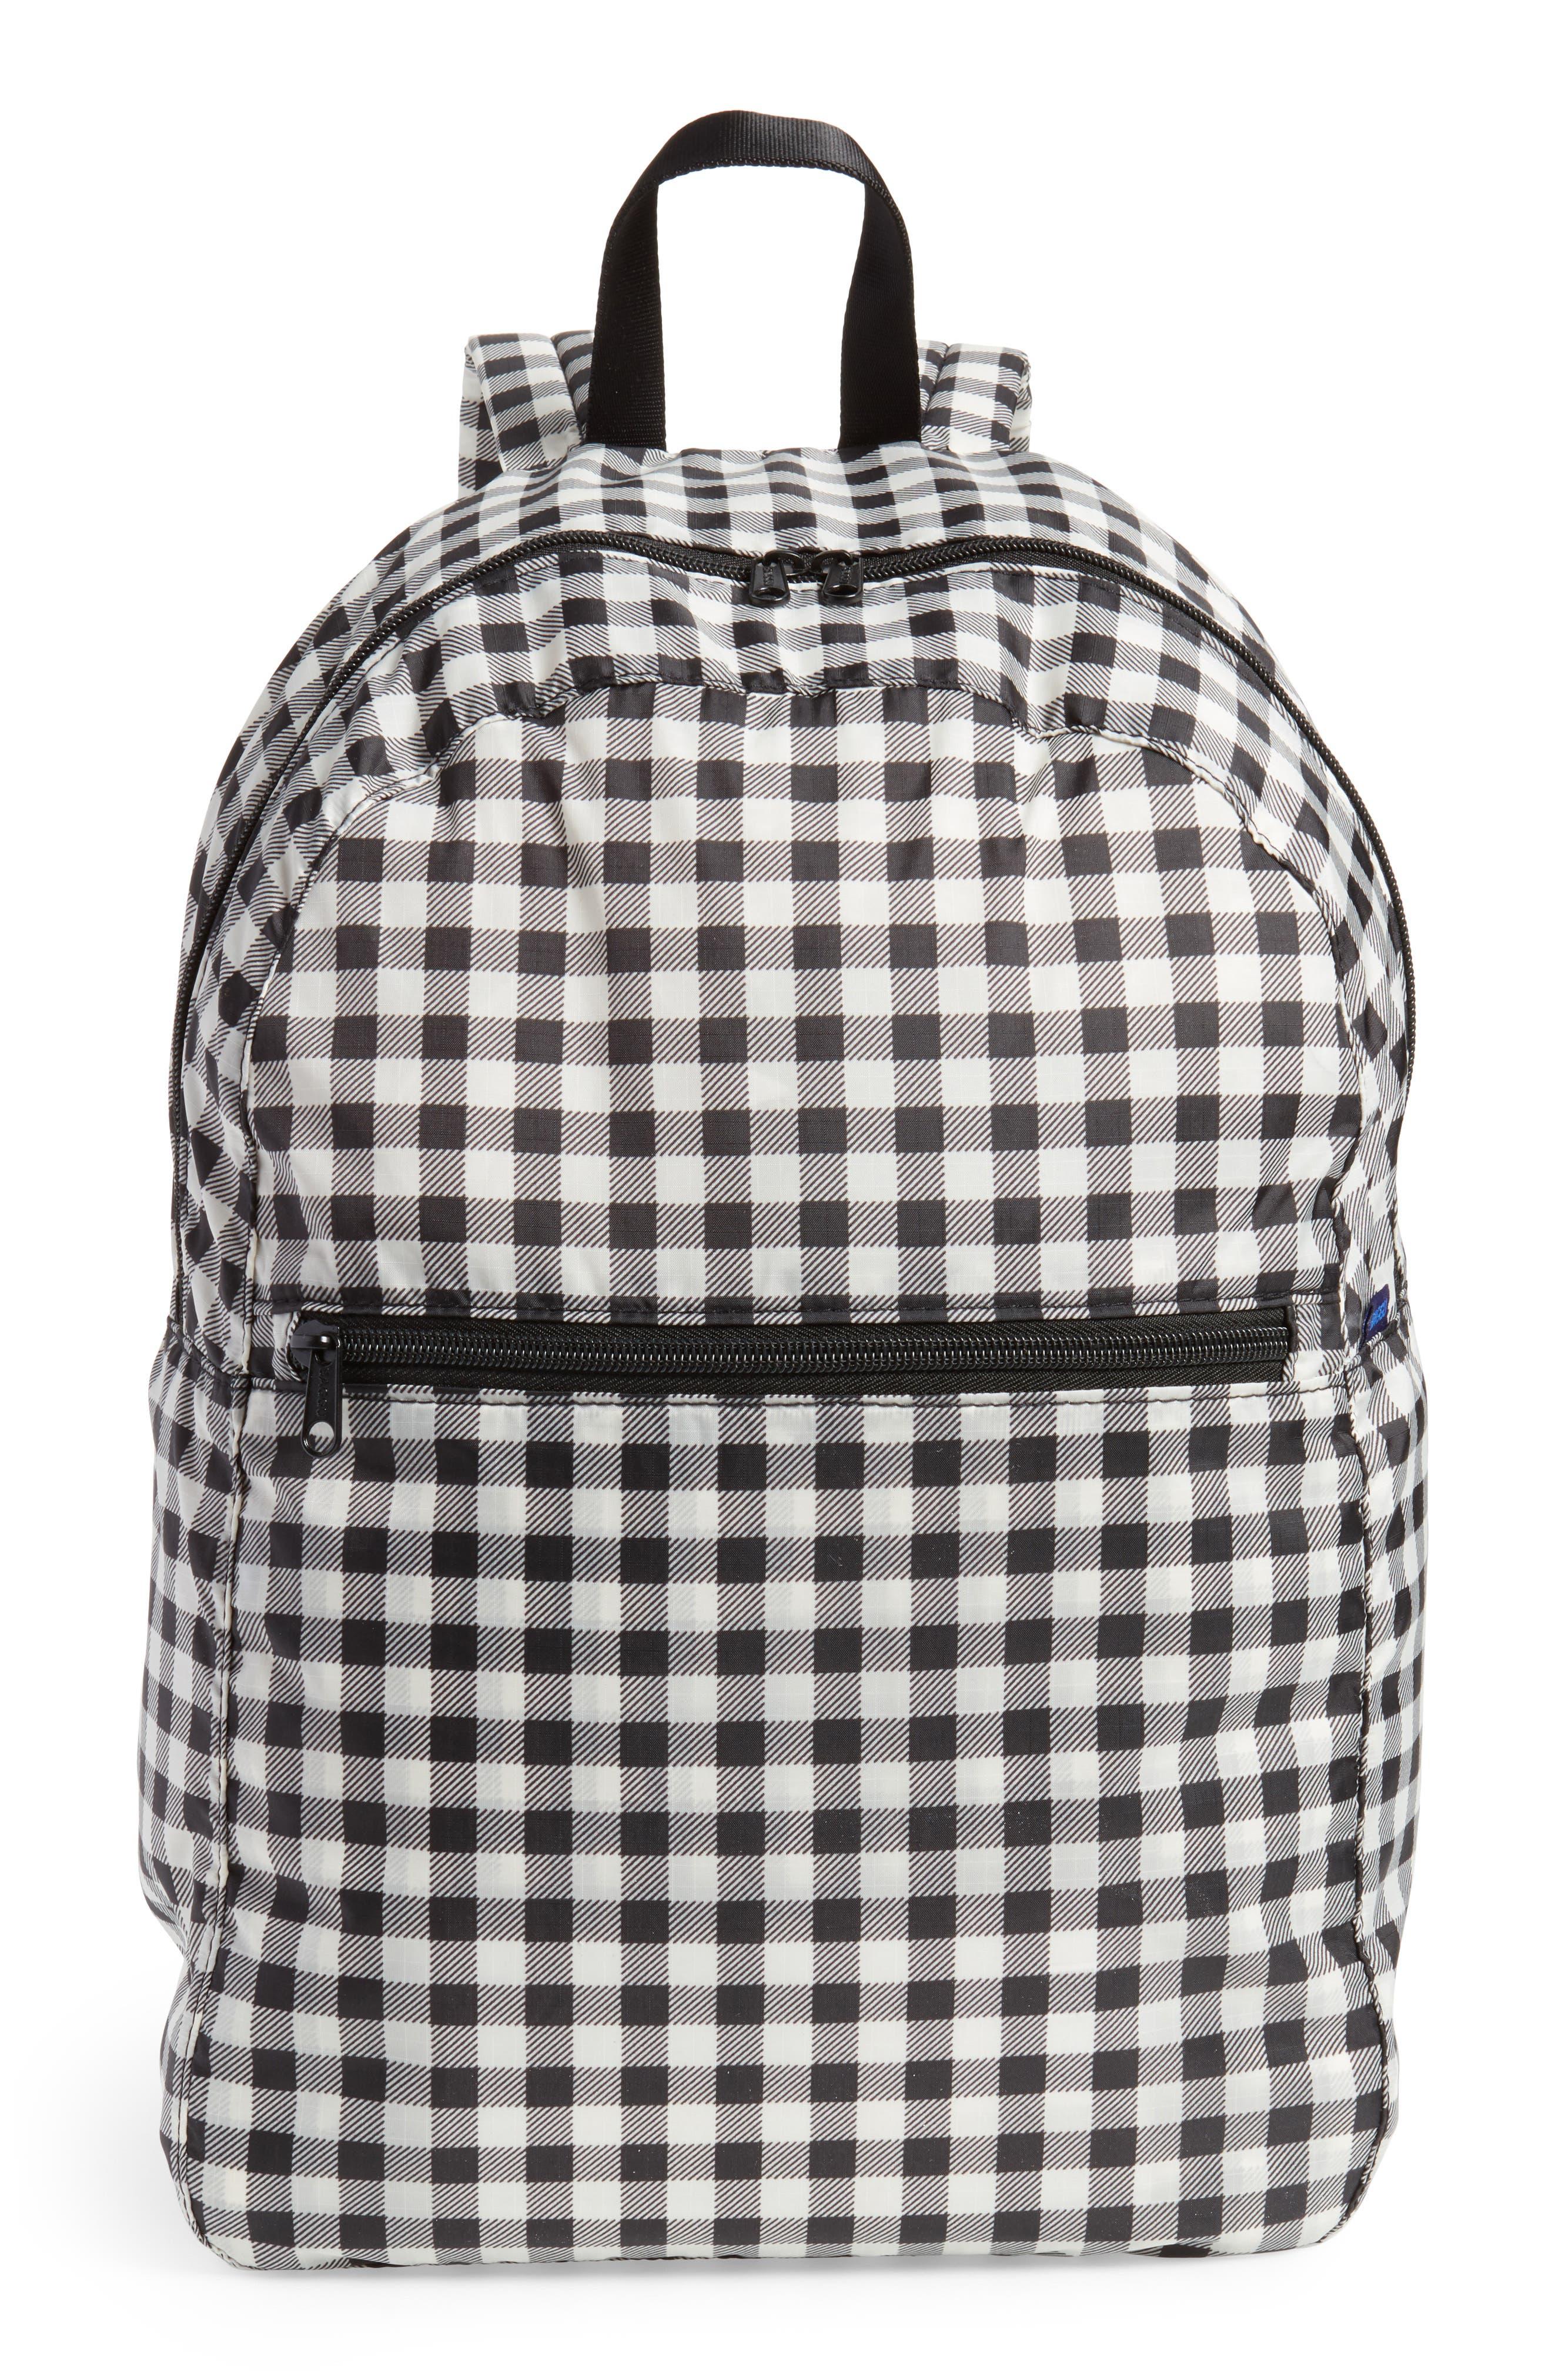 Ripstop Nylon Backpack,                             Main thumbnail 1, color,